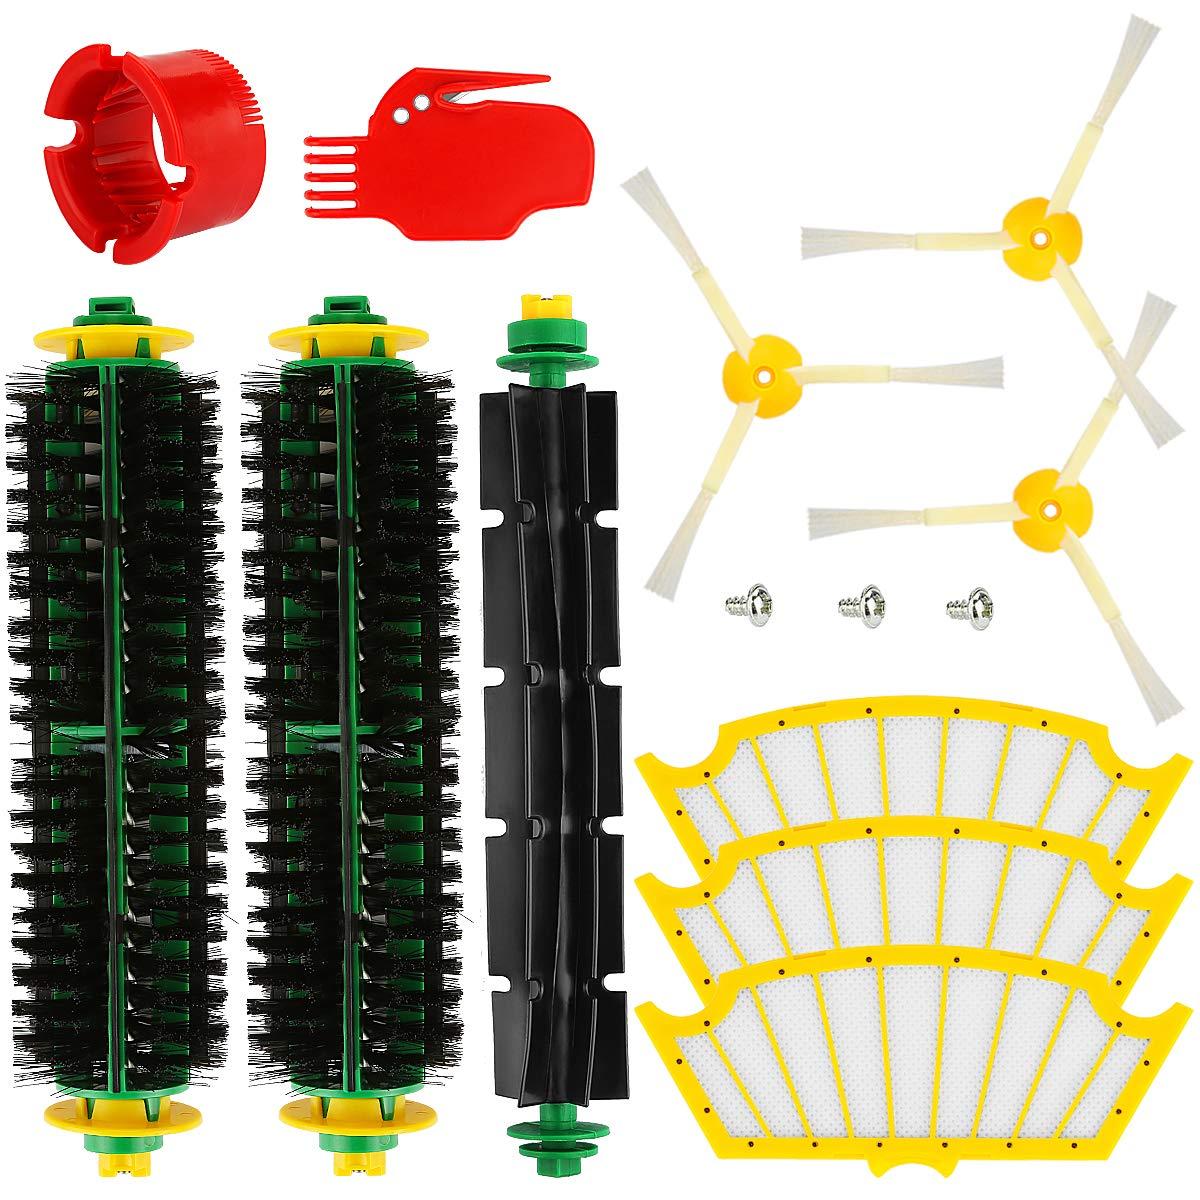 Acquisto POWER-XWT 500 Serie Sostituire gli accessori per aspirapolvere per iRobot Roomba Serie 500 520 521 530 531 532 533 534 535 536 540 545 550 552 560 561 562 510 505 Ricambi per filtri a spazzole Prezzo offerta